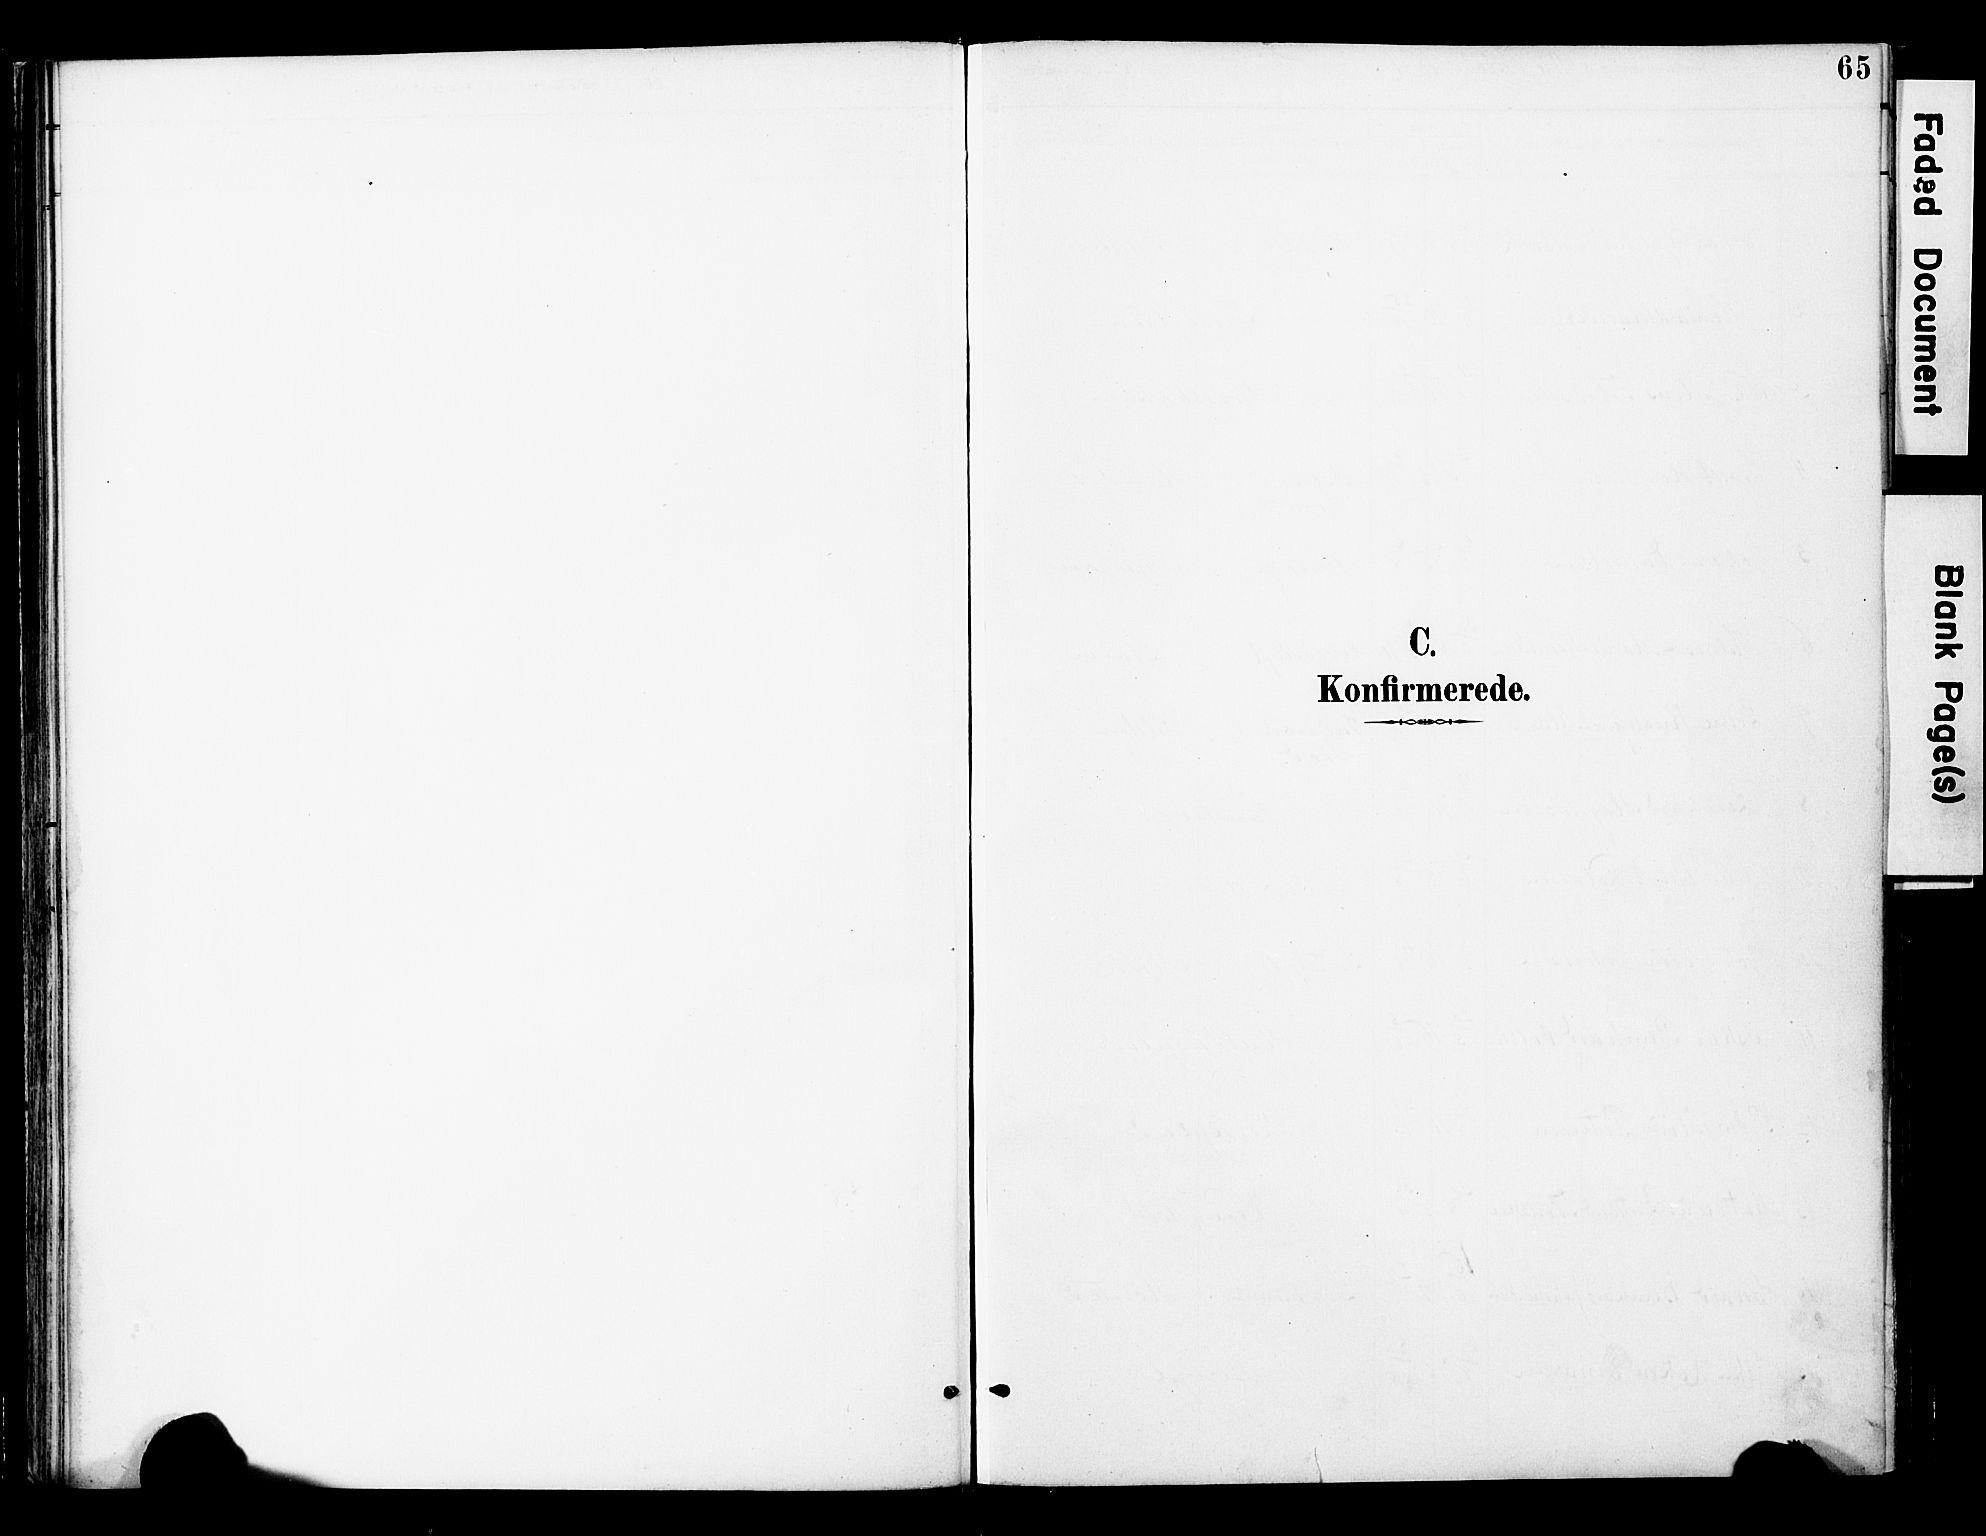 SAT, Ministerialprotokoller, klokkerbøker og fødselsregistre - Nord-Trøndelag, 742/L0409: Ministerialbok nr. 742A02, 1891-1905, s. 65